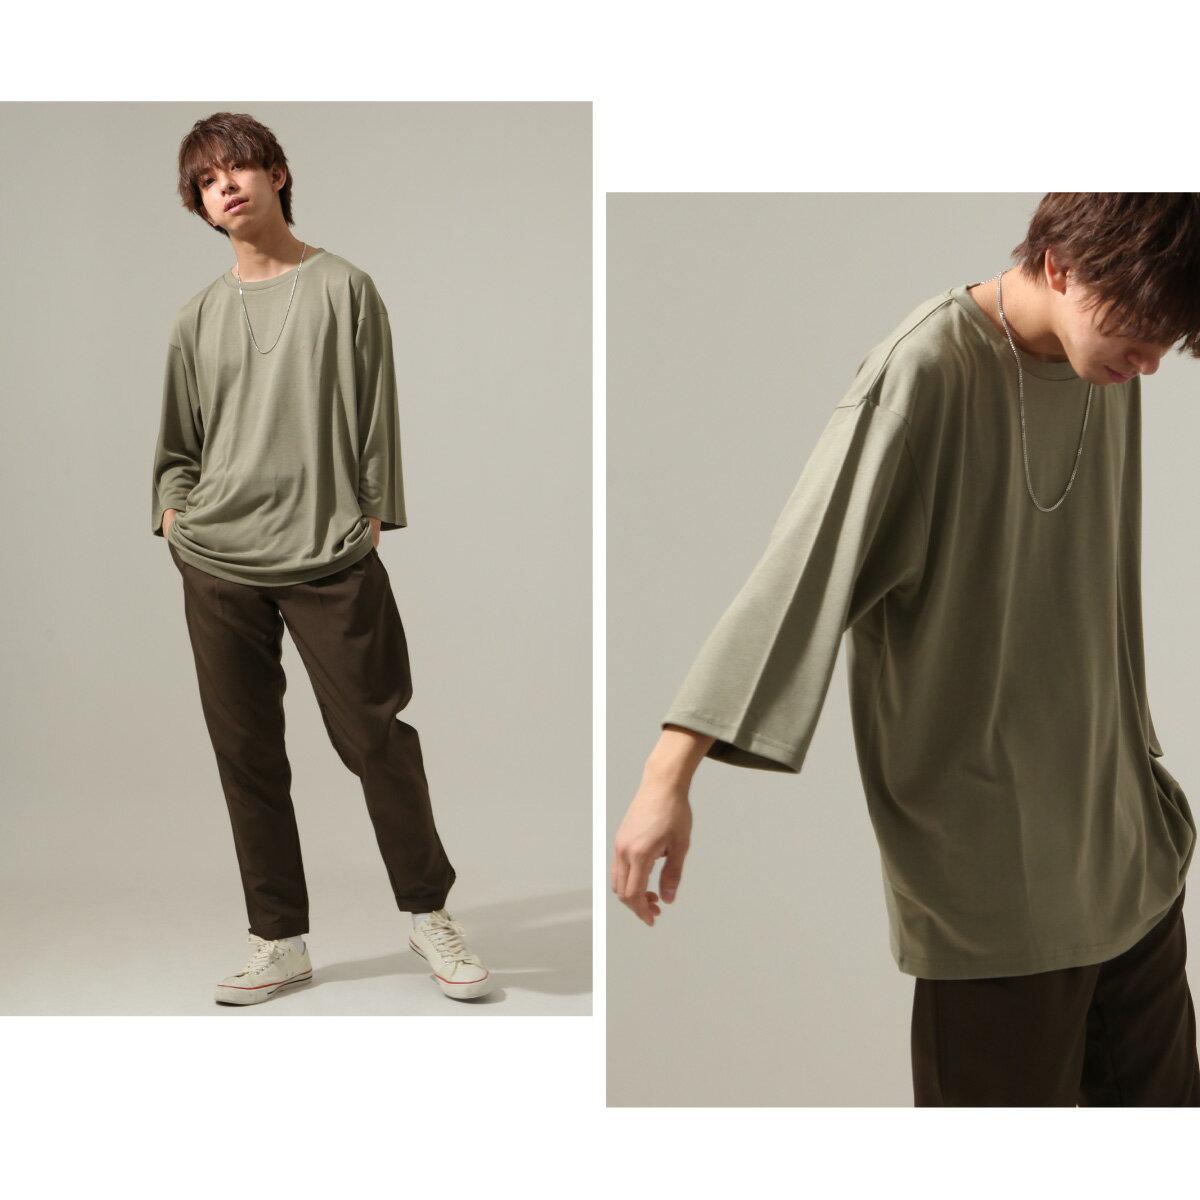 【New】ZIP 七分袖T恤 寬版 6